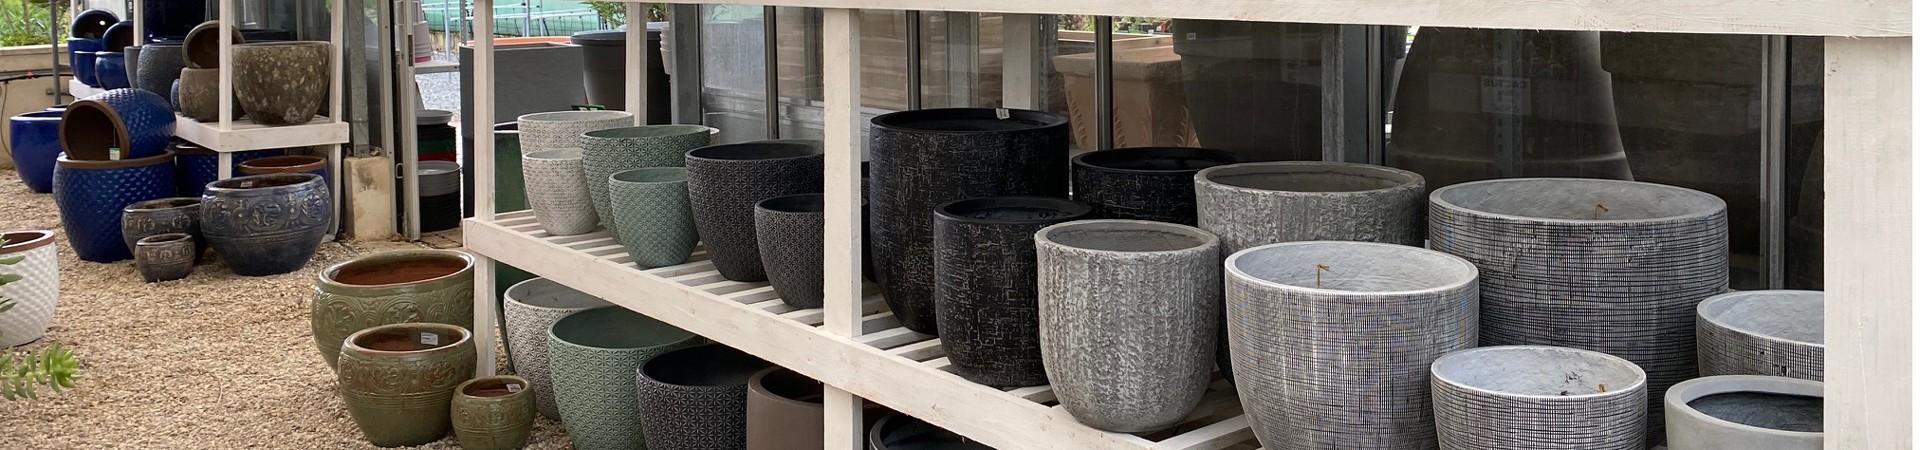 Nouvel espace de poteries !